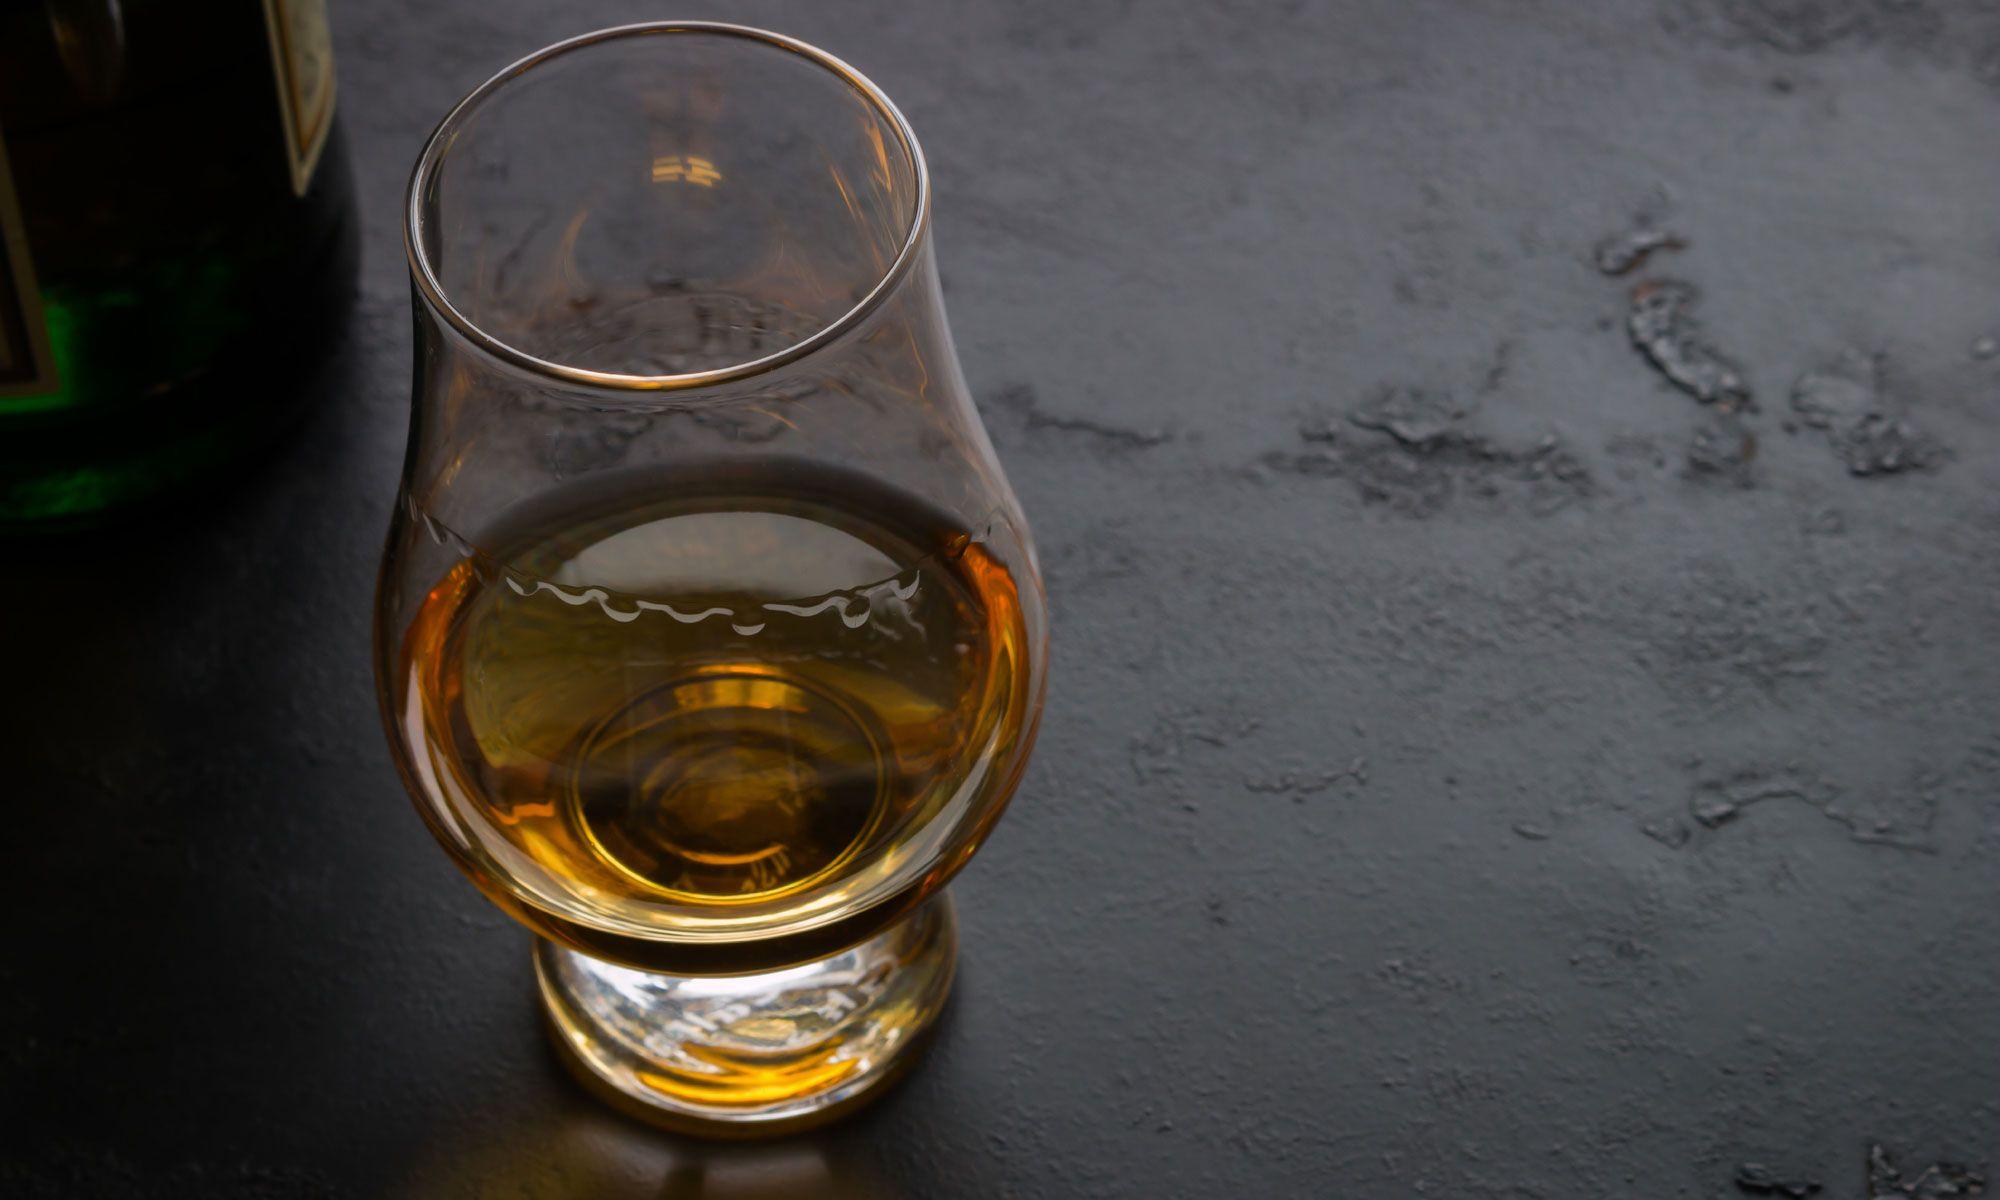 Hong Kong Whisky Festival 2019 Returns On March 30